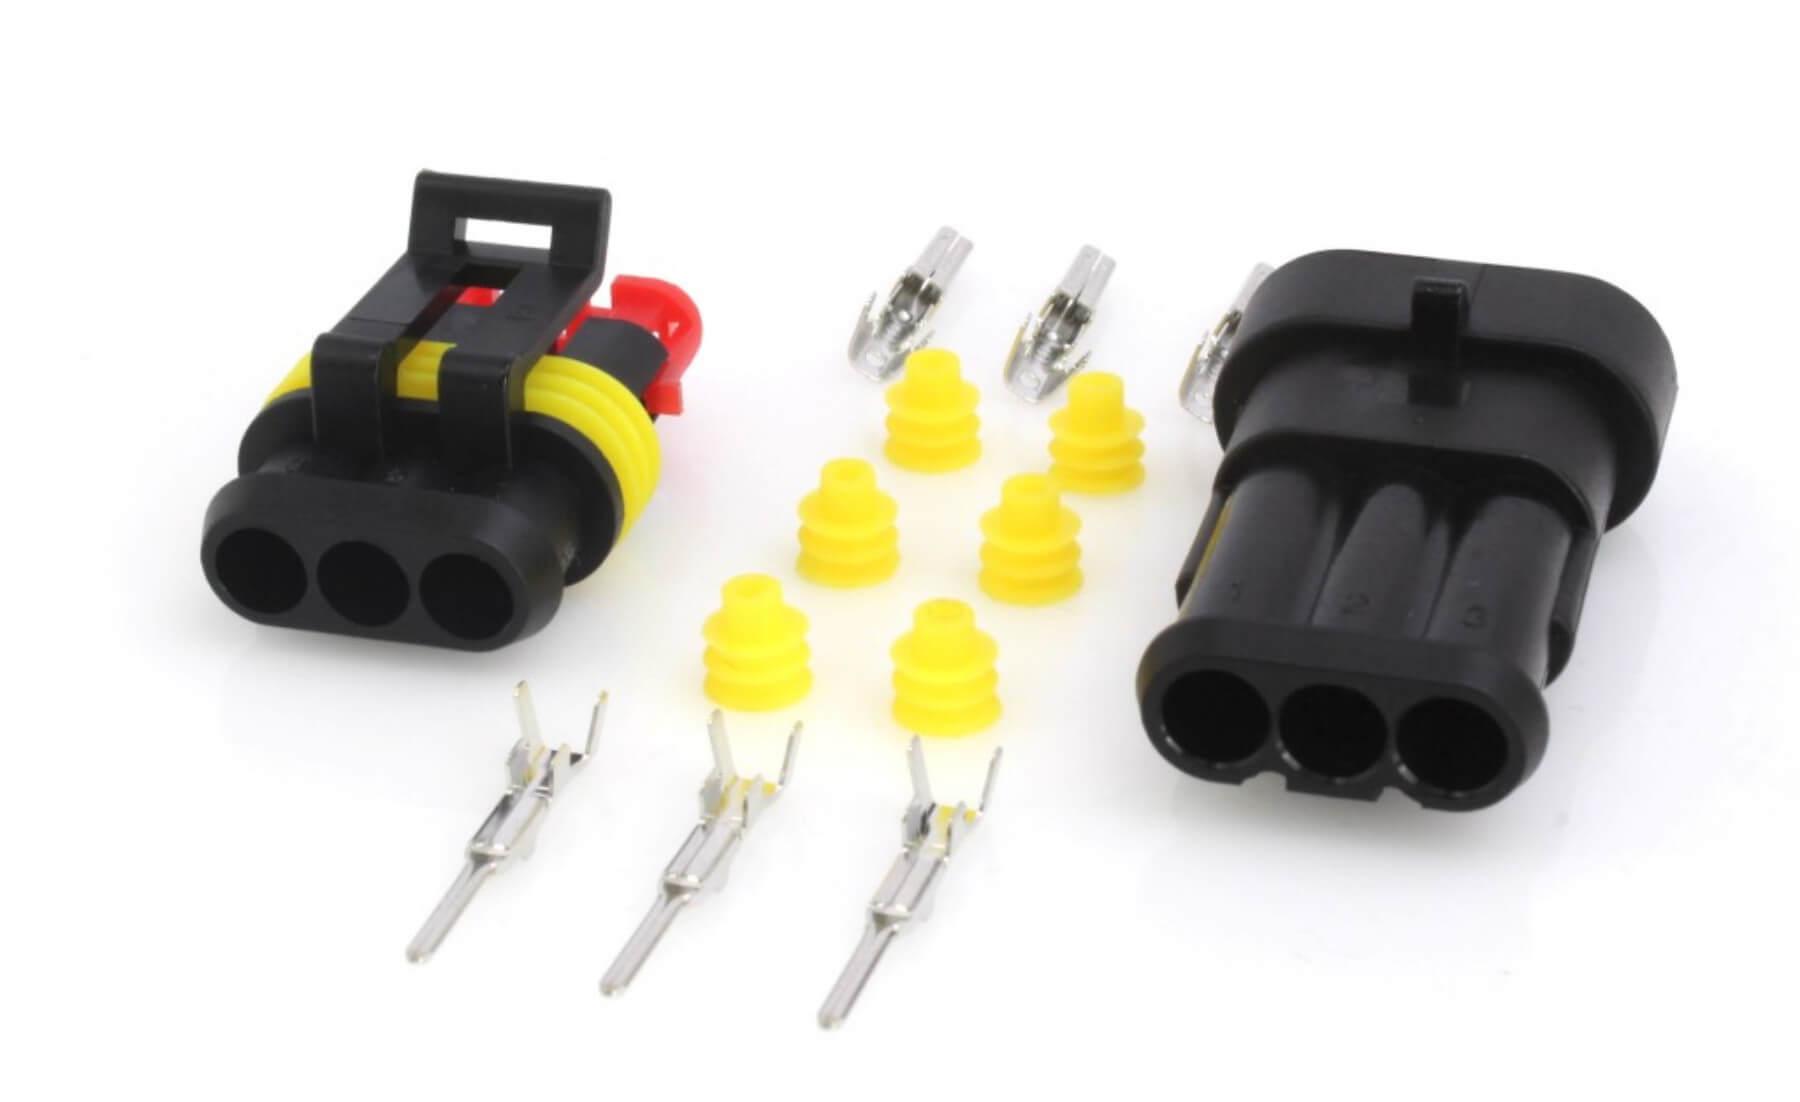 Elektrický konektor vodotěsný, tzv. štekr, tříkontaktový, 3P/1,5 - ASTA